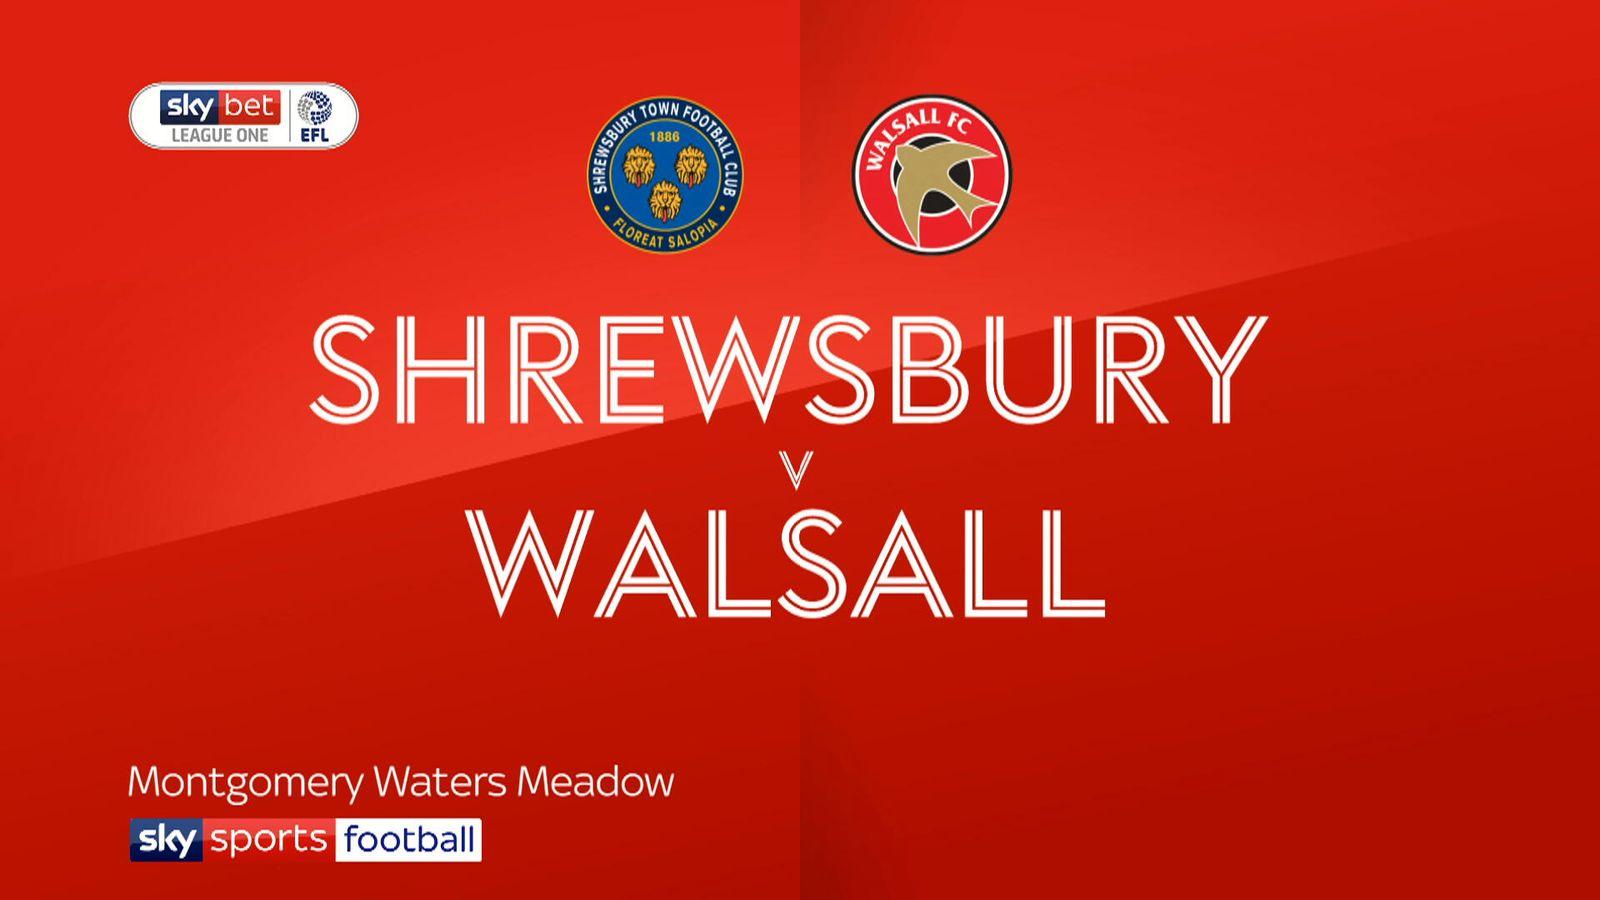 Shrewsbury 0 - 0 Walsall - Match Report & Highlights